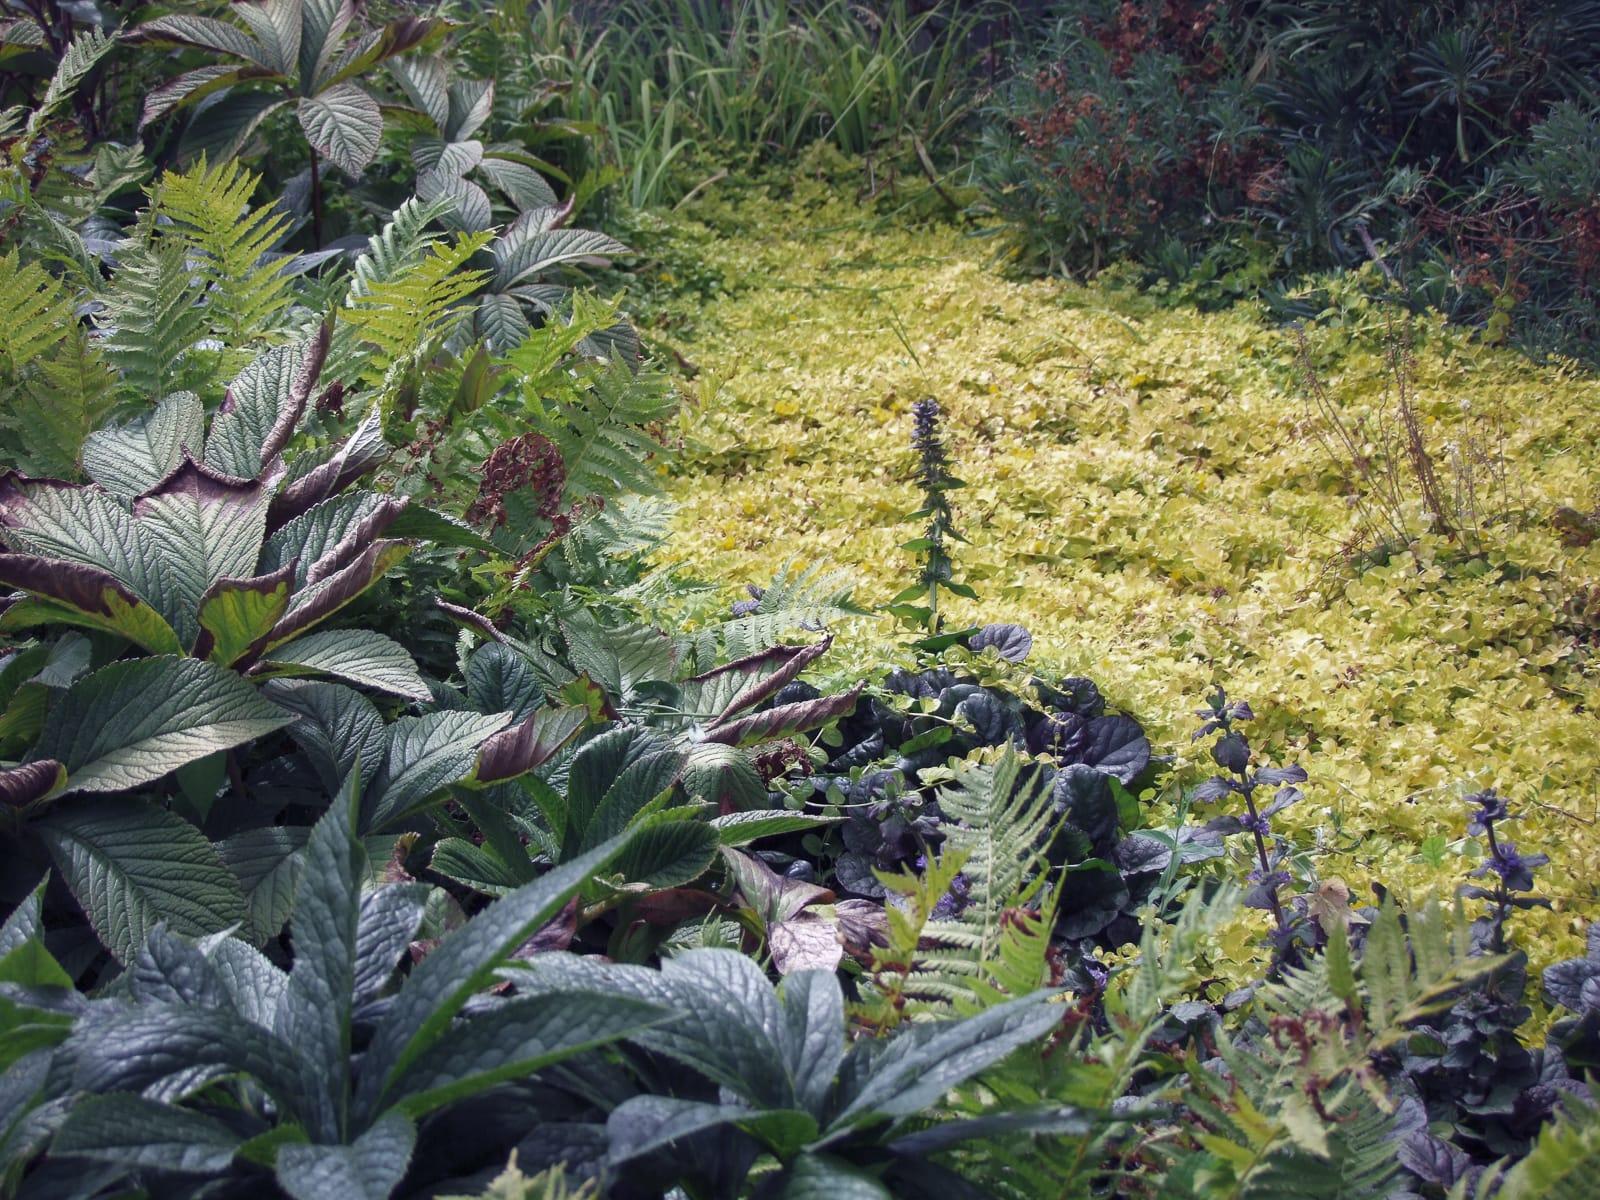 jardin lisière vivaces Roche Bobois coignières ®Hermelinecarpentier